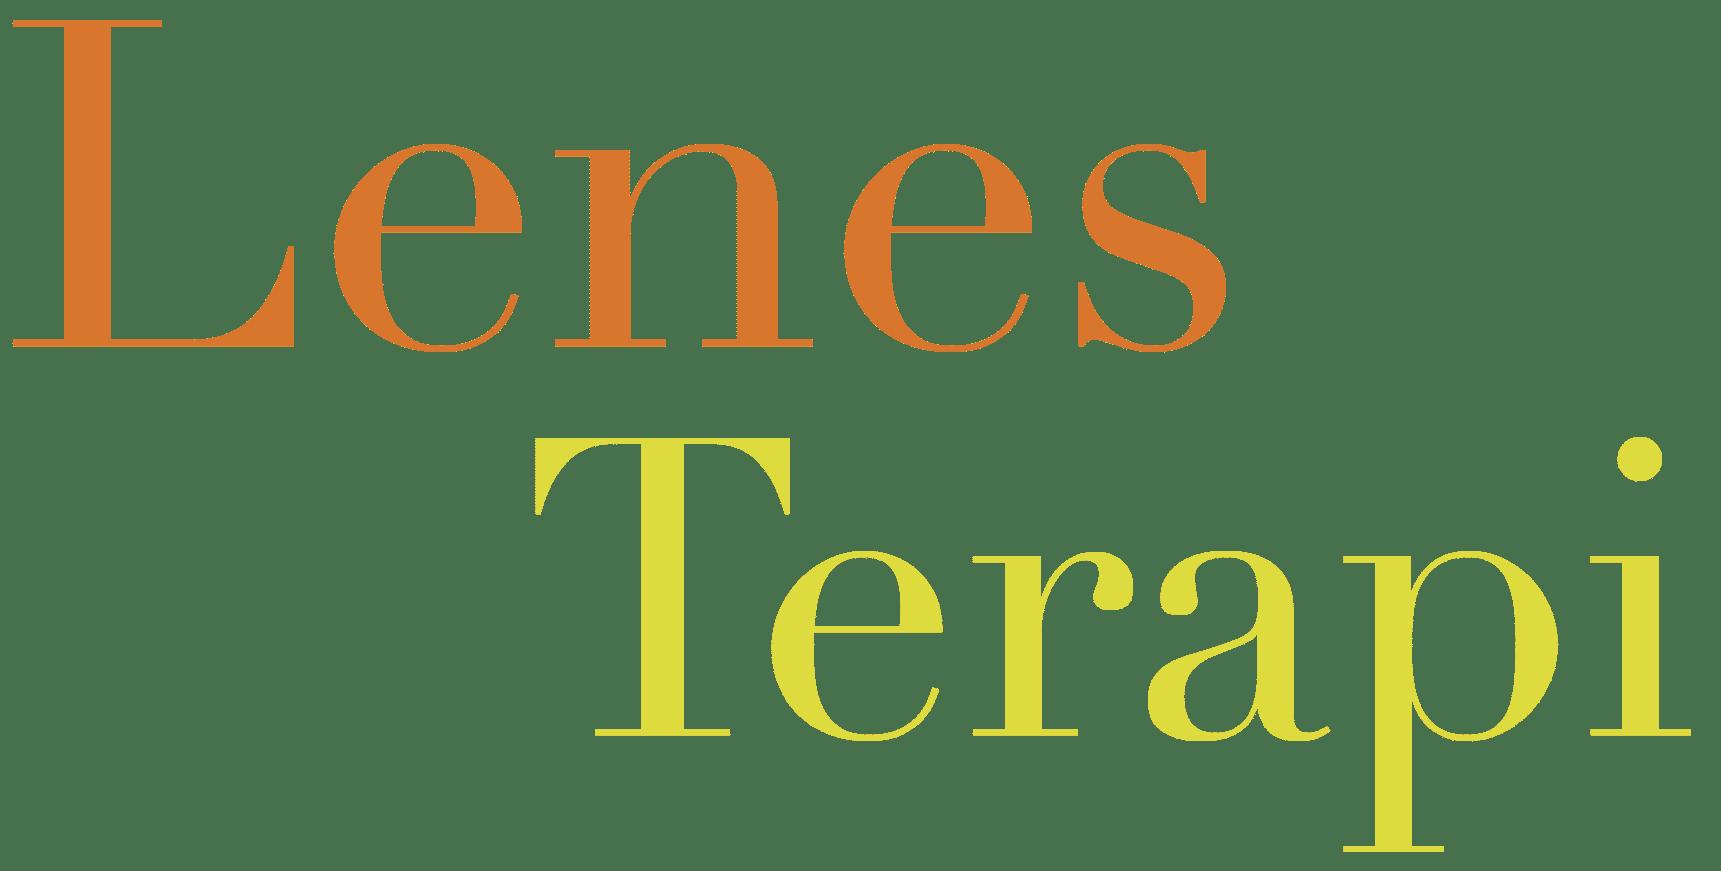 Lenes terapi